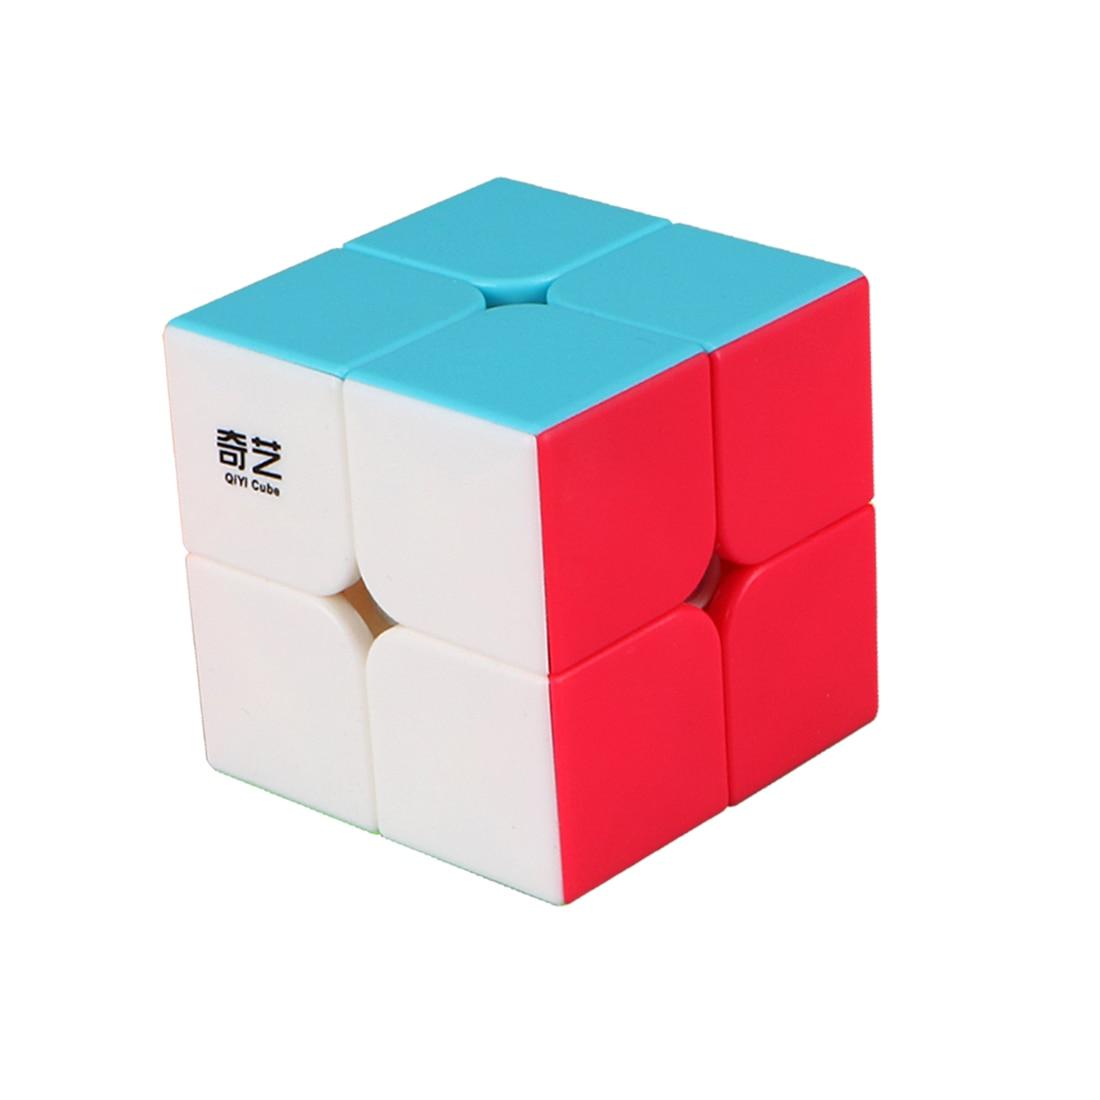 Qiyi QiDi S 2x2 Magic Cube Speed Cube ToyQiyi QiDi S 2x2 Magic Cube Speed Cube Toy